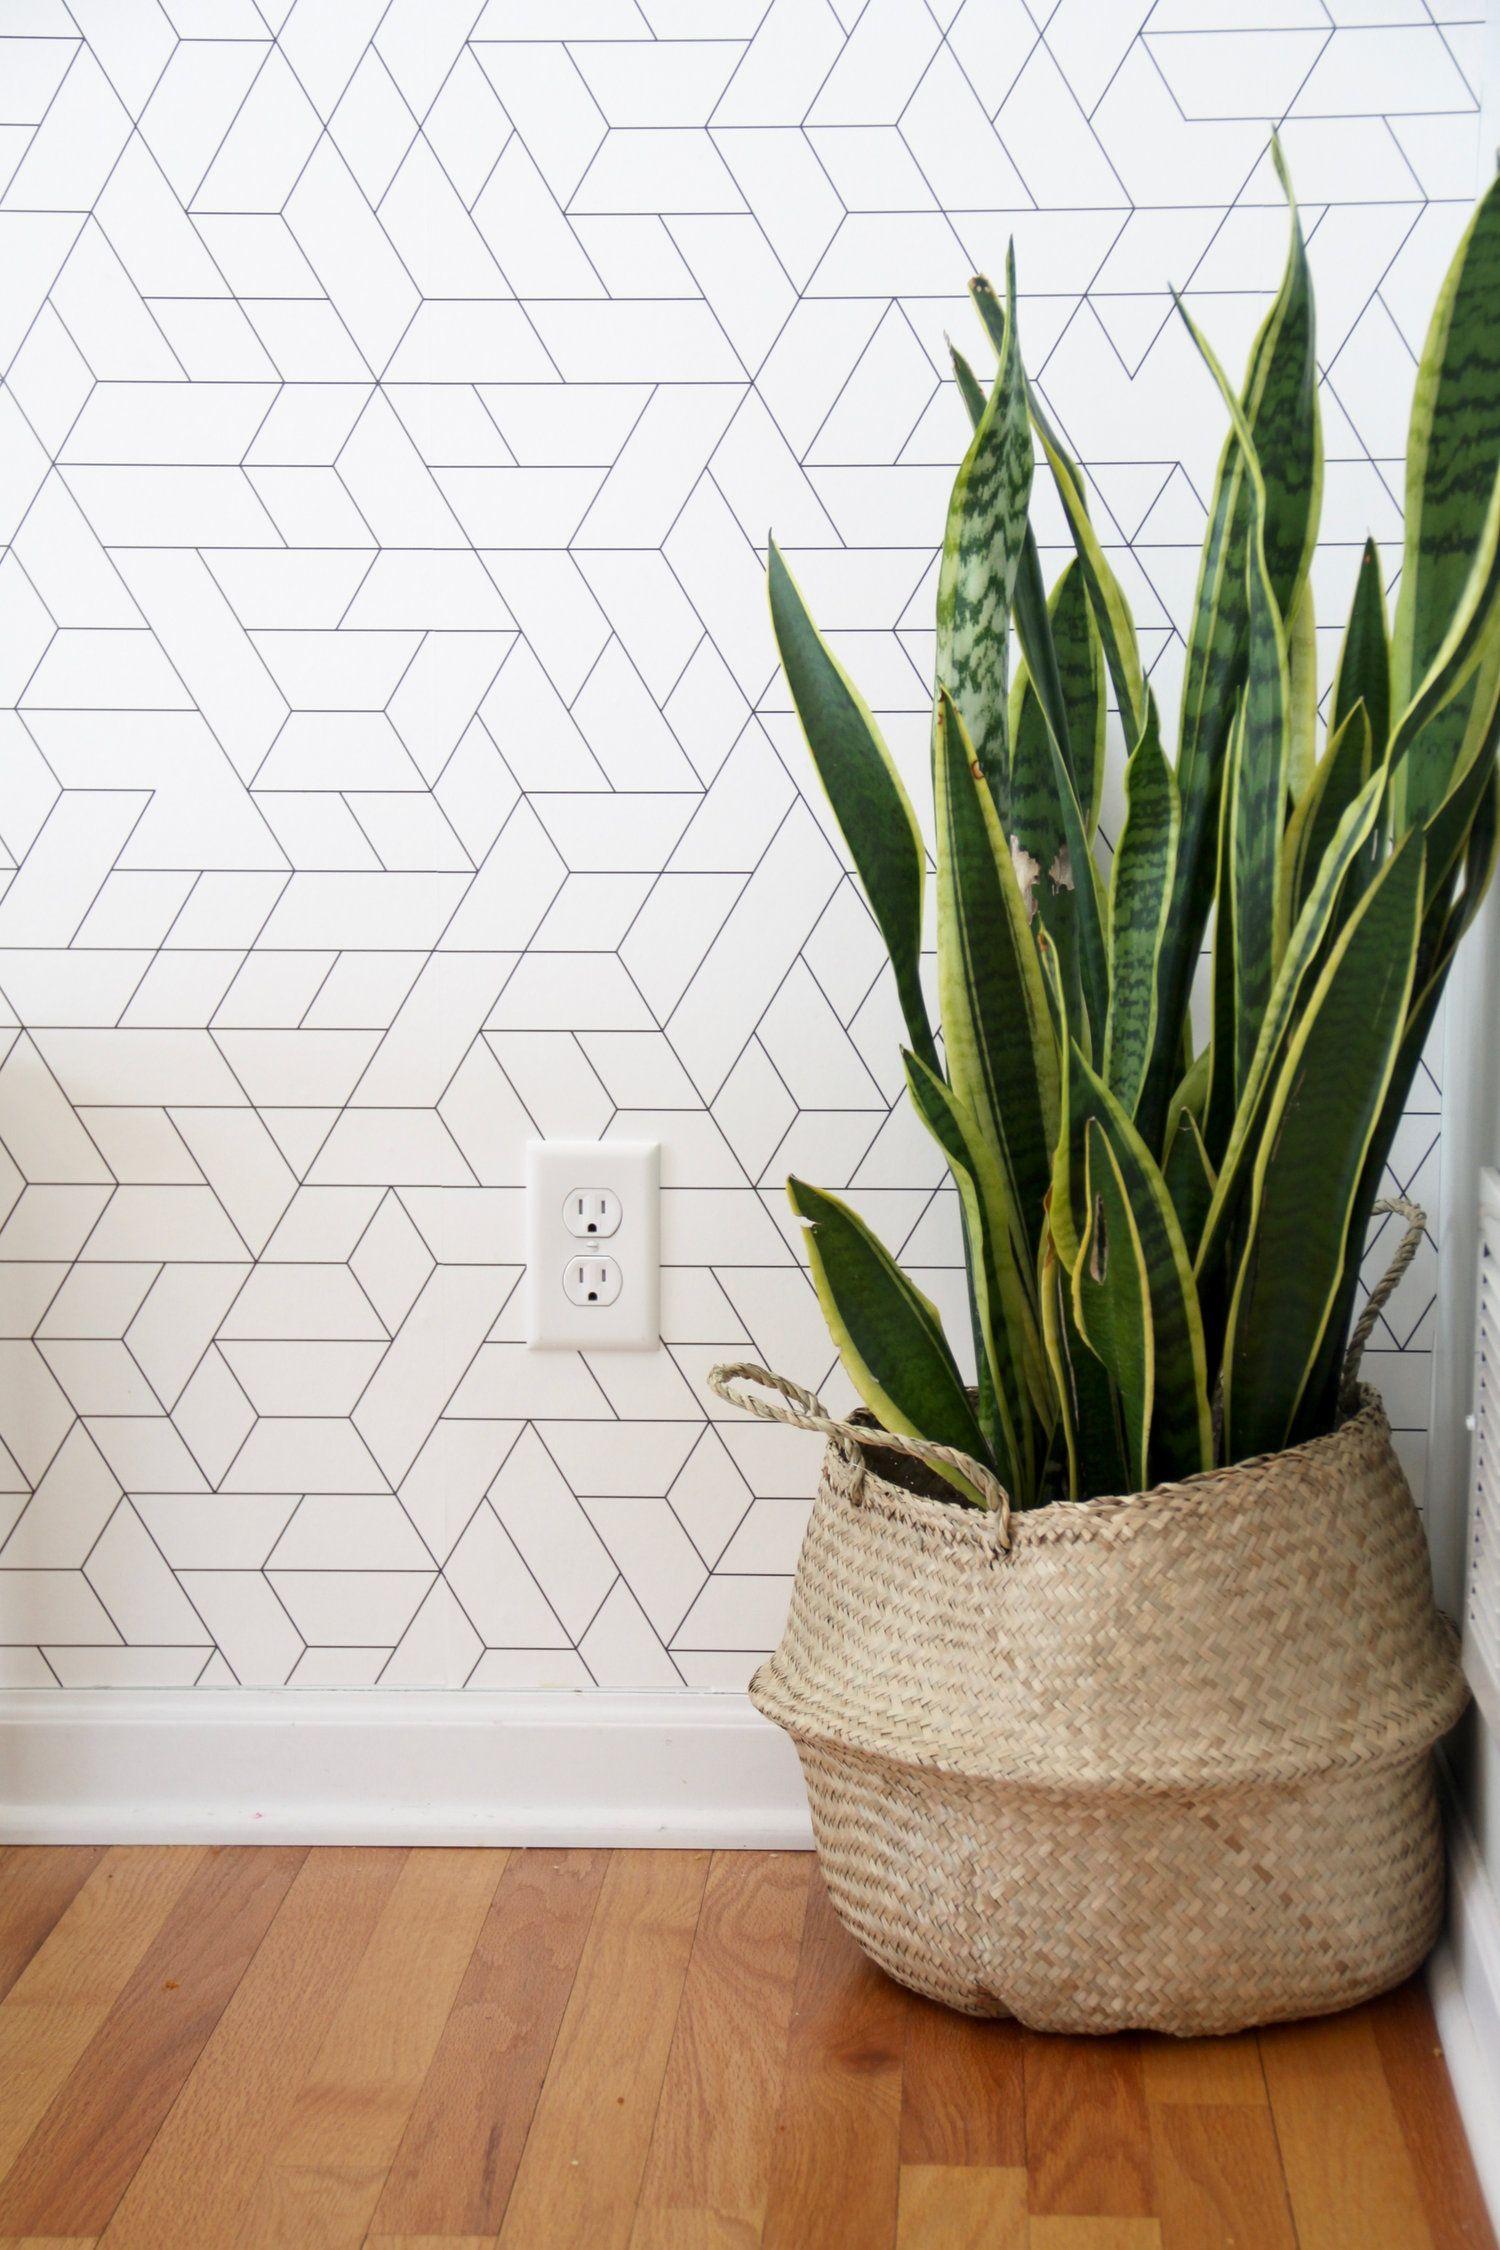 Papier Peint Entree Moderne dining room refresh | décoration hall entrée, papier peint